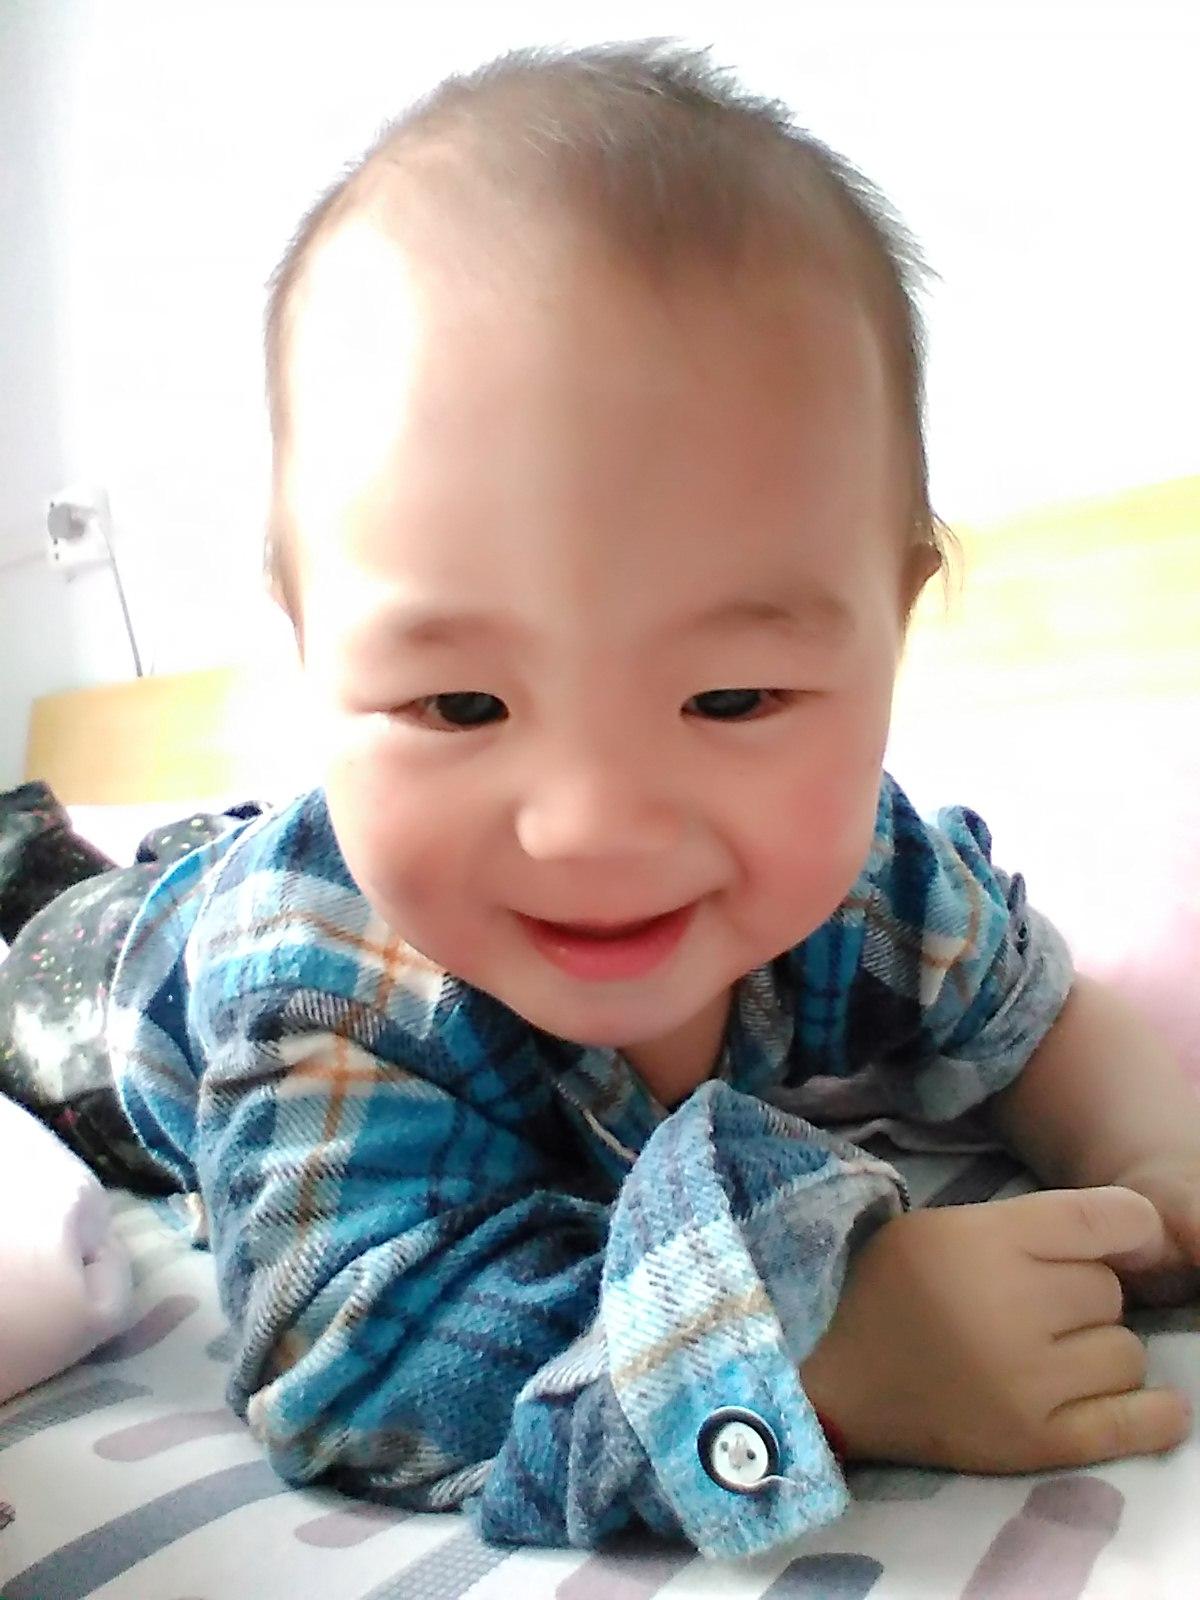 宝宝姓名:李承恩 宝宝年龄:1 宝宝性别:男 宝宝身高(cm):85 宝宝体重